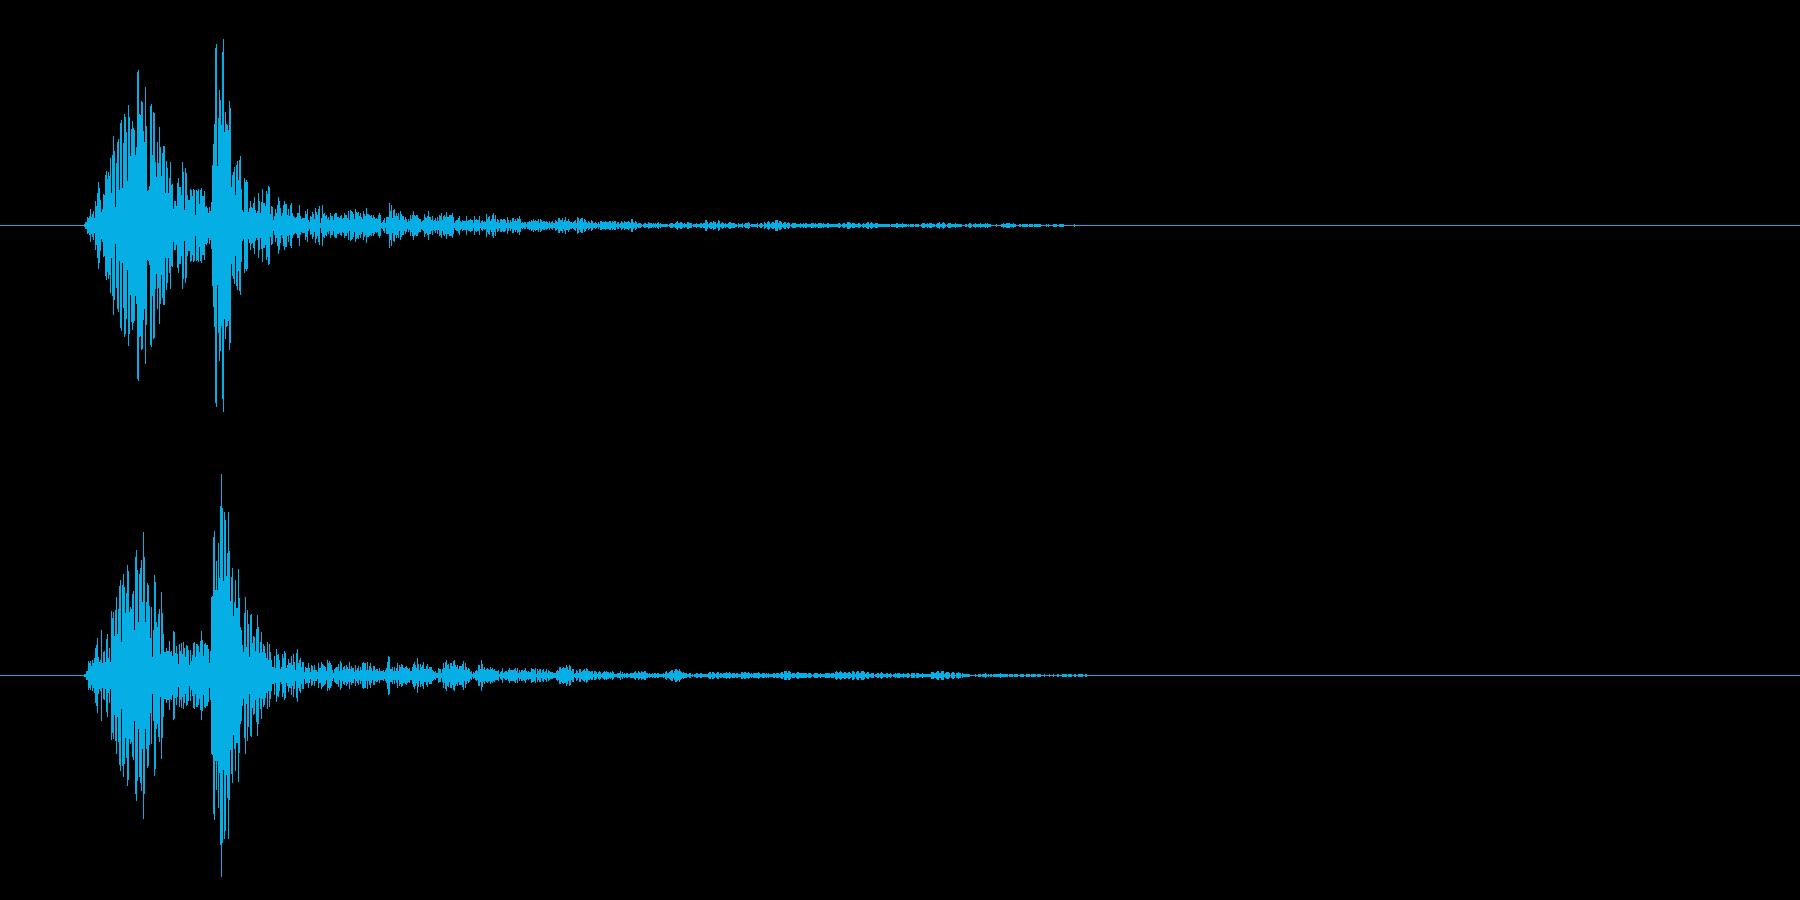 パッ(弾けるような軽快な音)の再生済みの波形